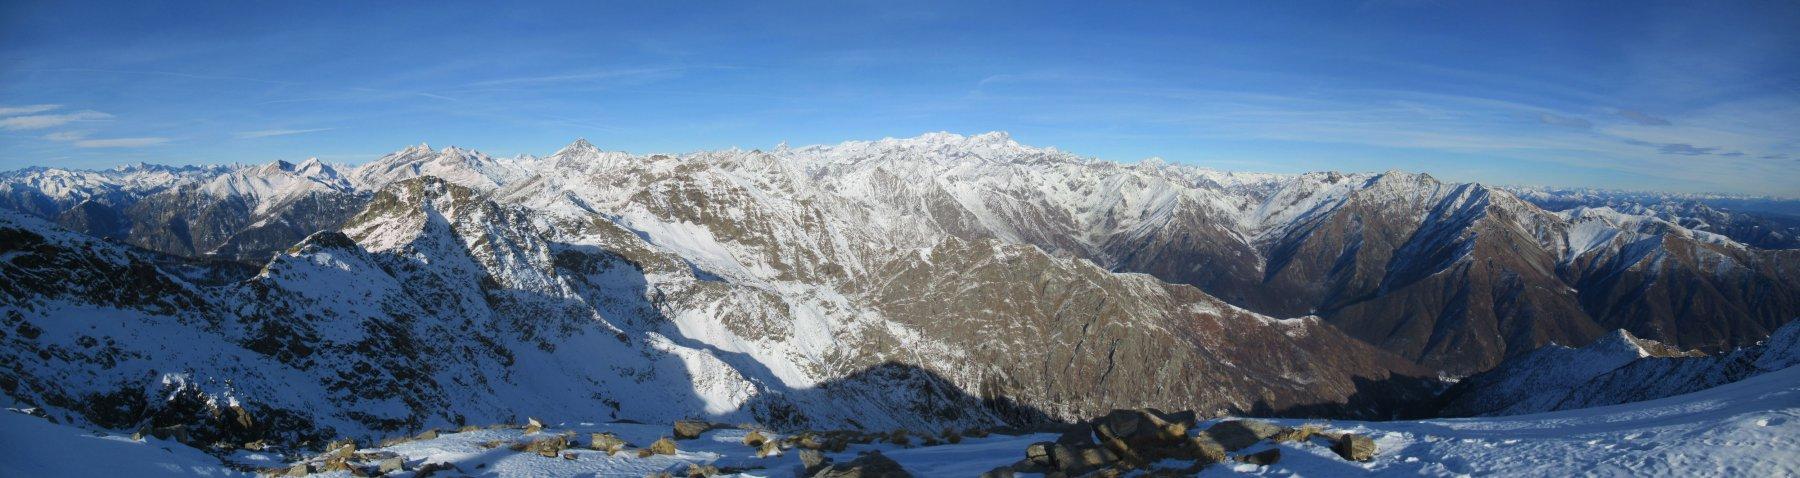 Spettacolare panorama dalla vetta del Monte Camino